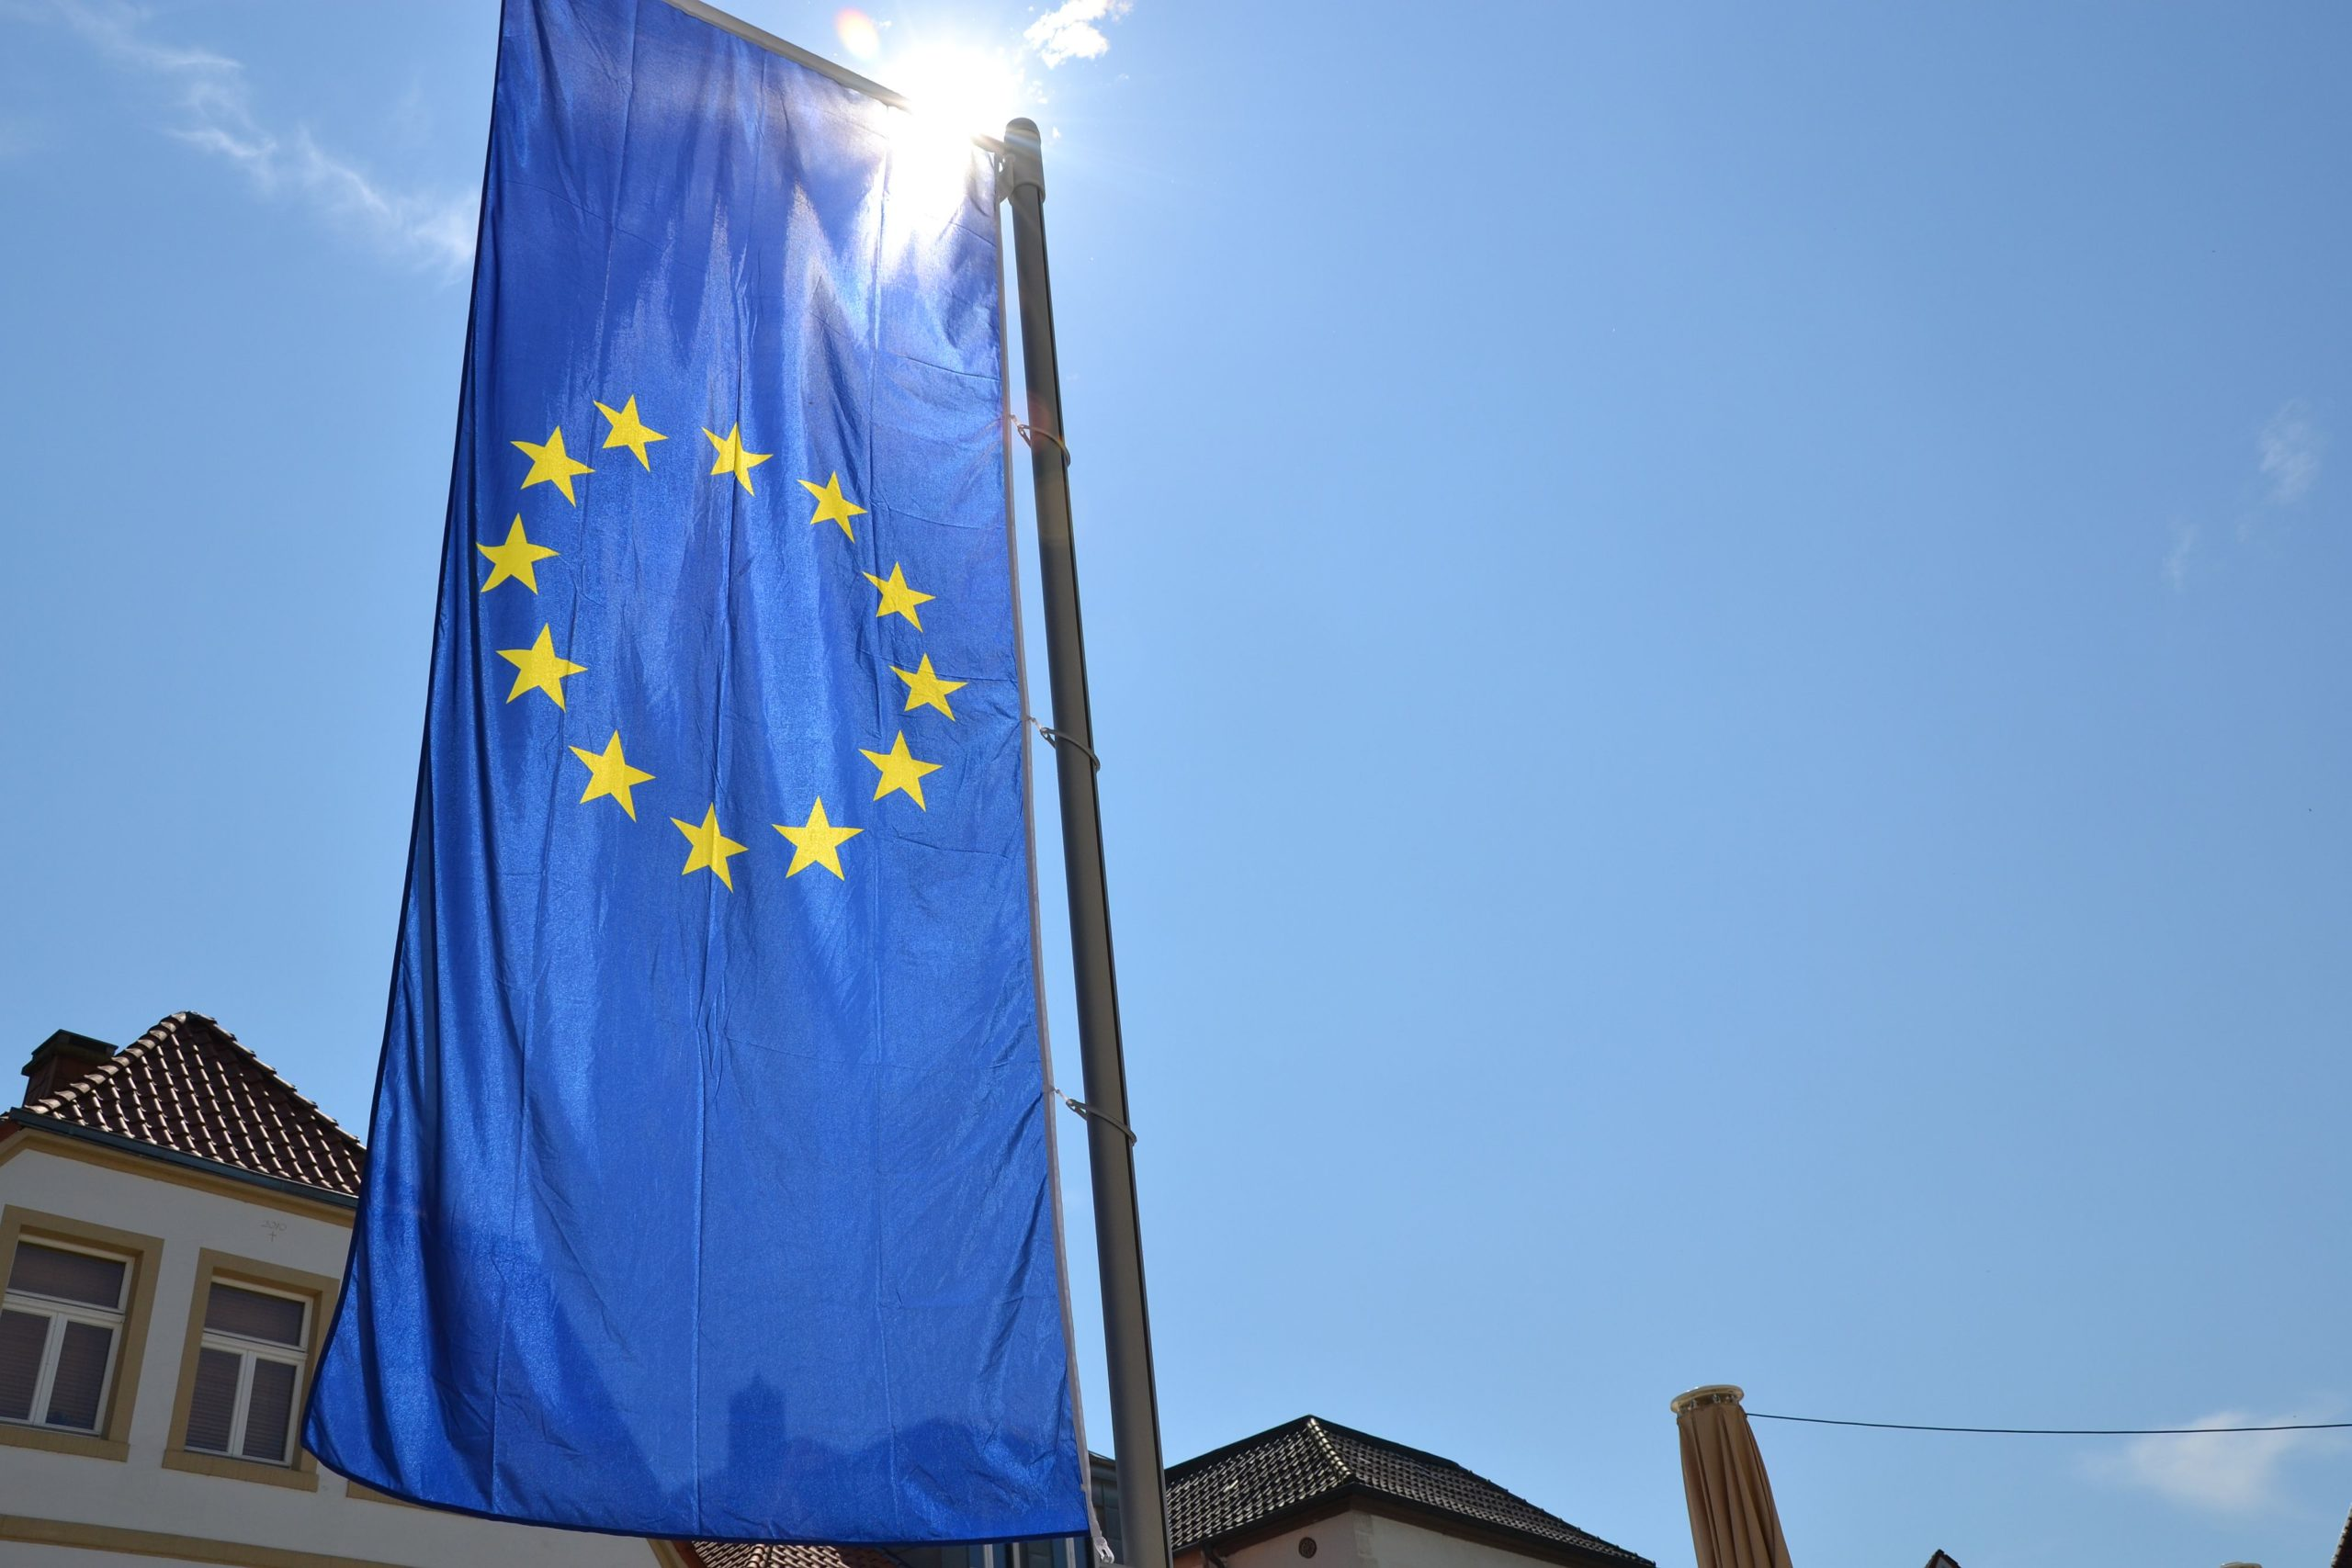 EU-Fahne-St-kl